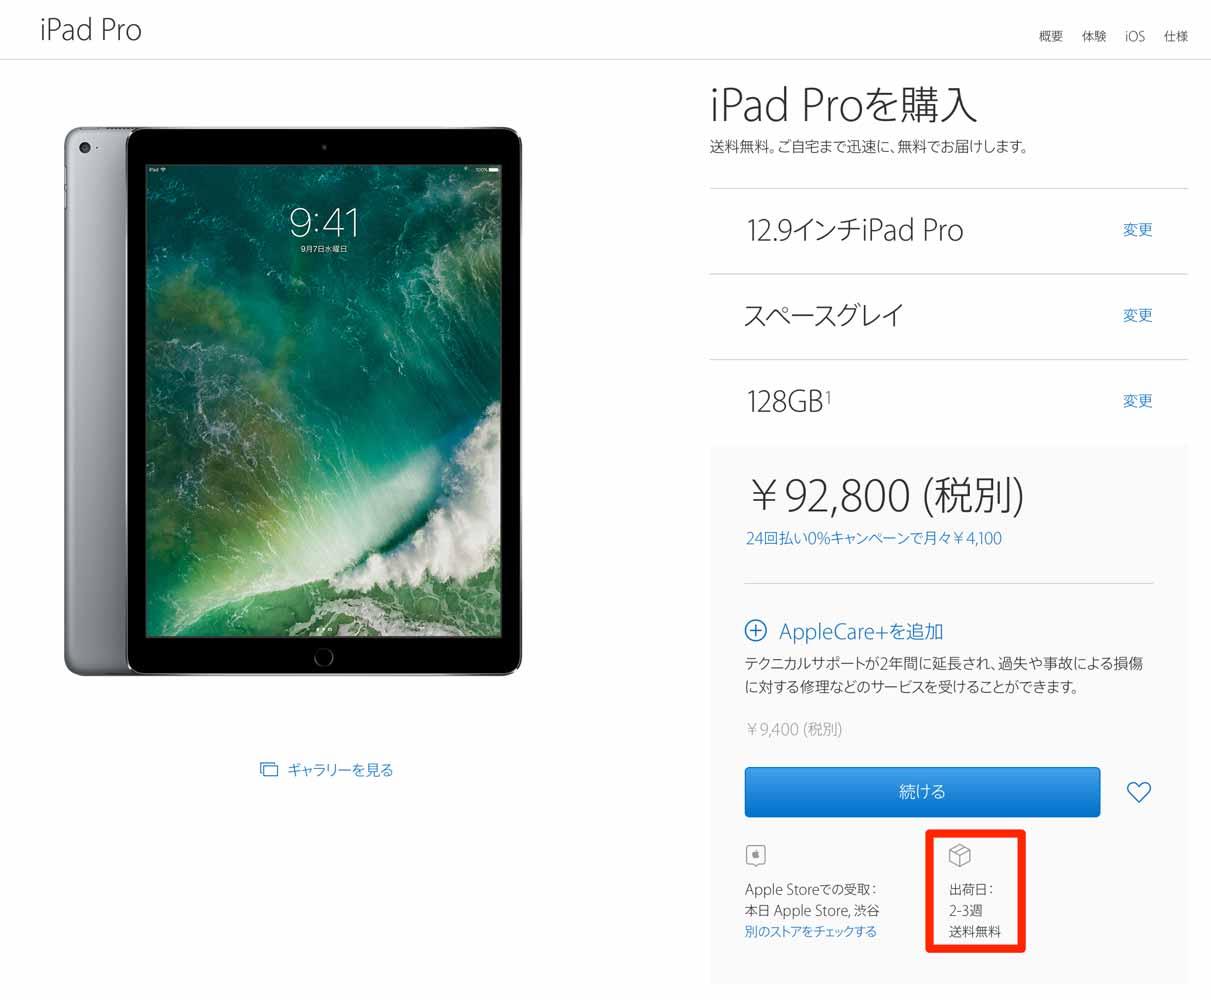 「12.9インチiPad Pro」の出荷予定日が「2-3週」に延びる ― 新モデル発表が近いため??